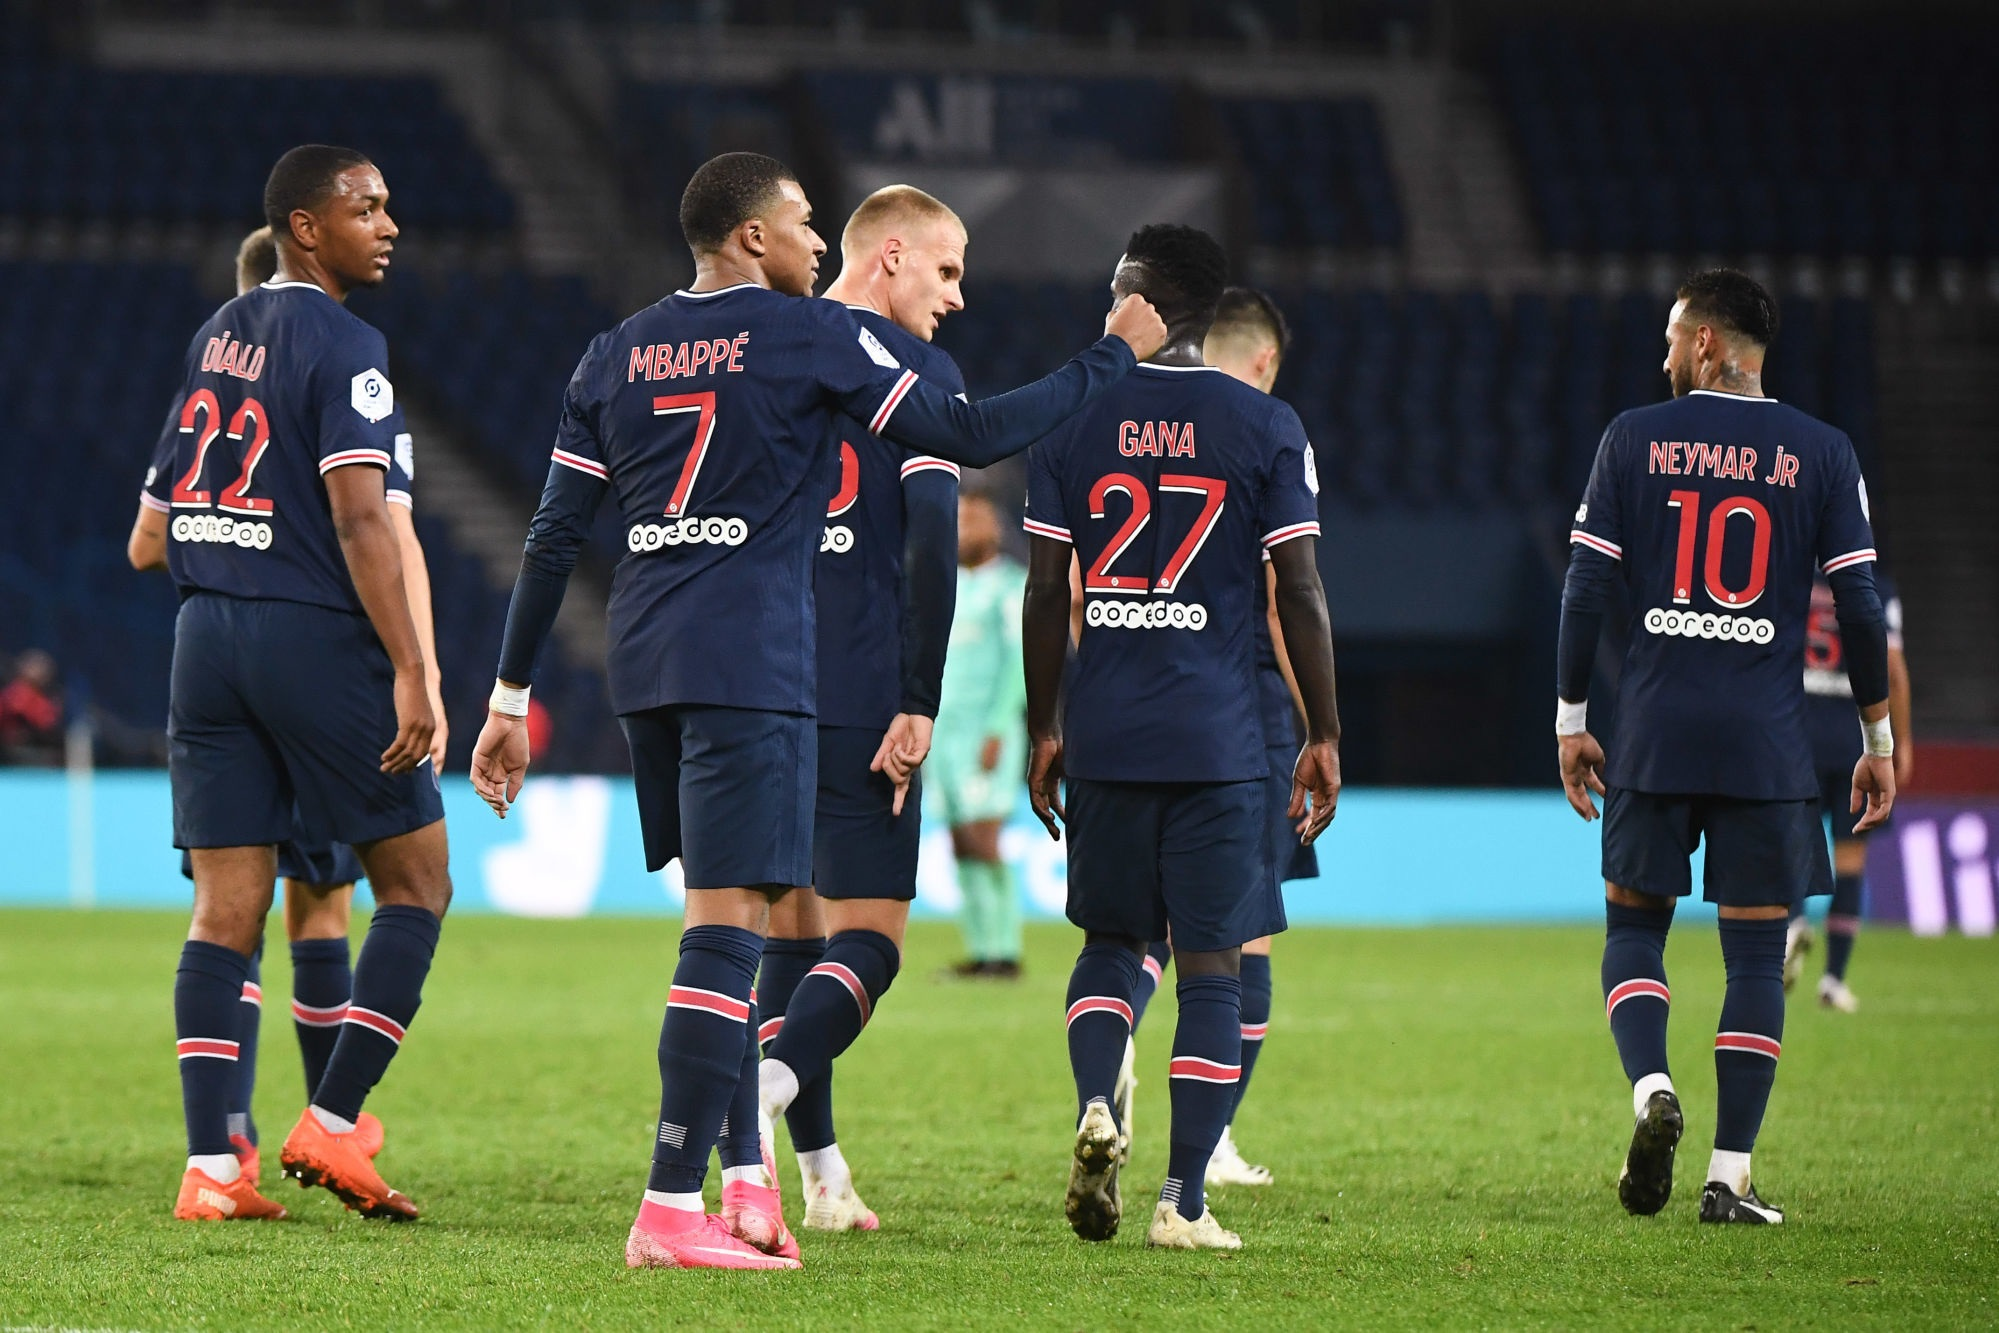 """PSG/Angers - Galli félicite les Parisiens pour le large victoire malgré un """"presque huis clos"""""""